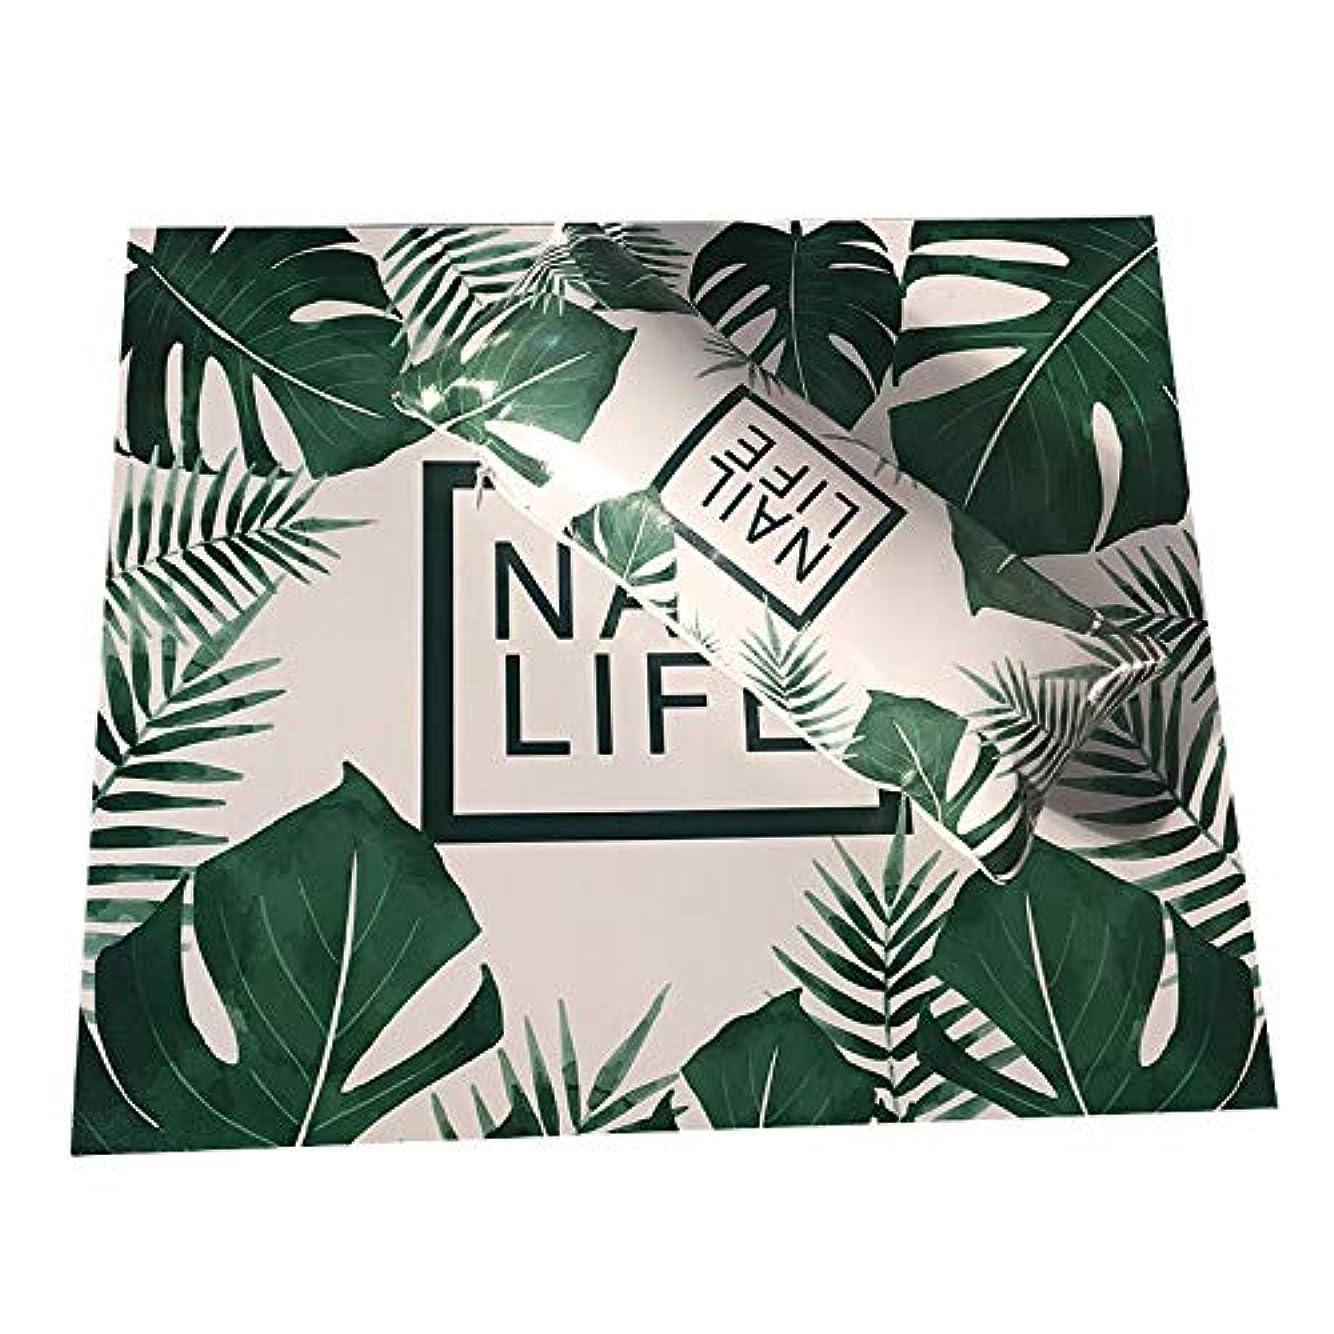 CUHAWUDBA ネイルアート用手枕のクッション、ネイルポリッシュのホルダー、ソフト、Puレザー、スポンジのアームレスト、ストライプのデザイン、サロンのマニキュア(植物#)